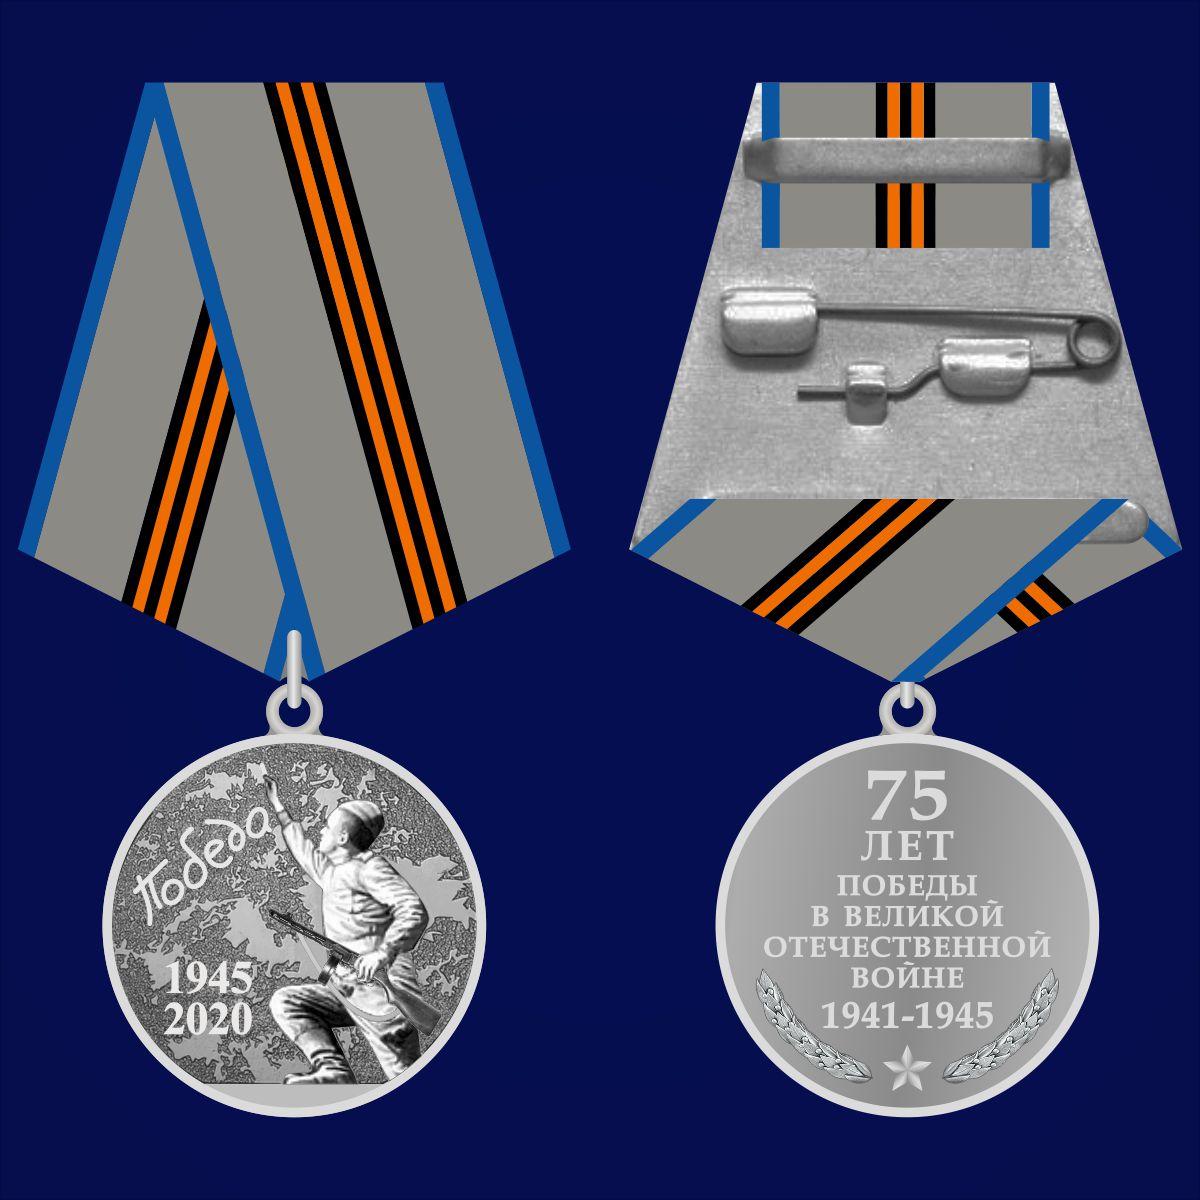 юбилейные медали россии в картинках для каталогизации